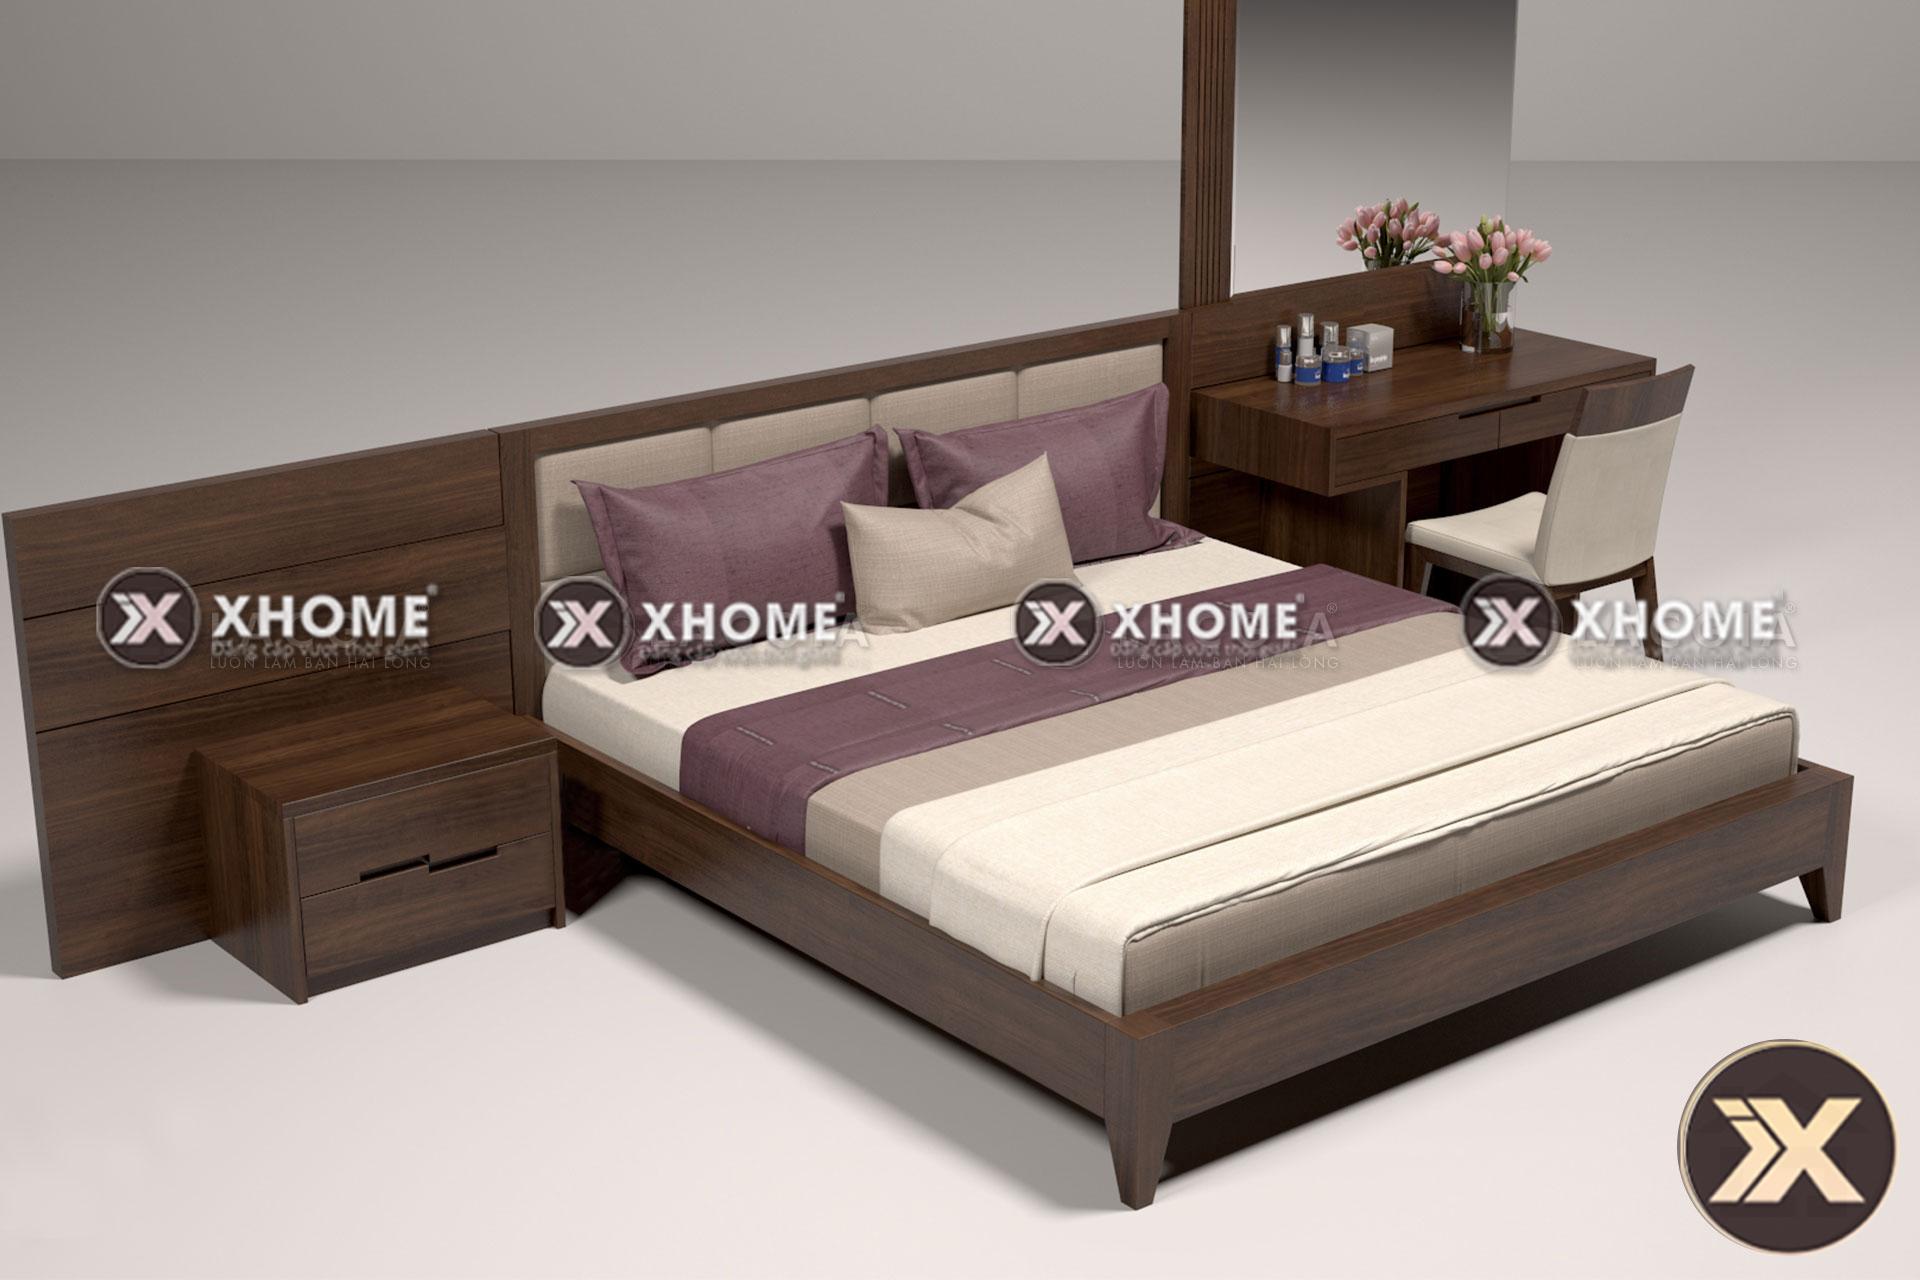 giuong ngu go hien dai gn06 - Giường ngủ gỗ hiện đại GN06